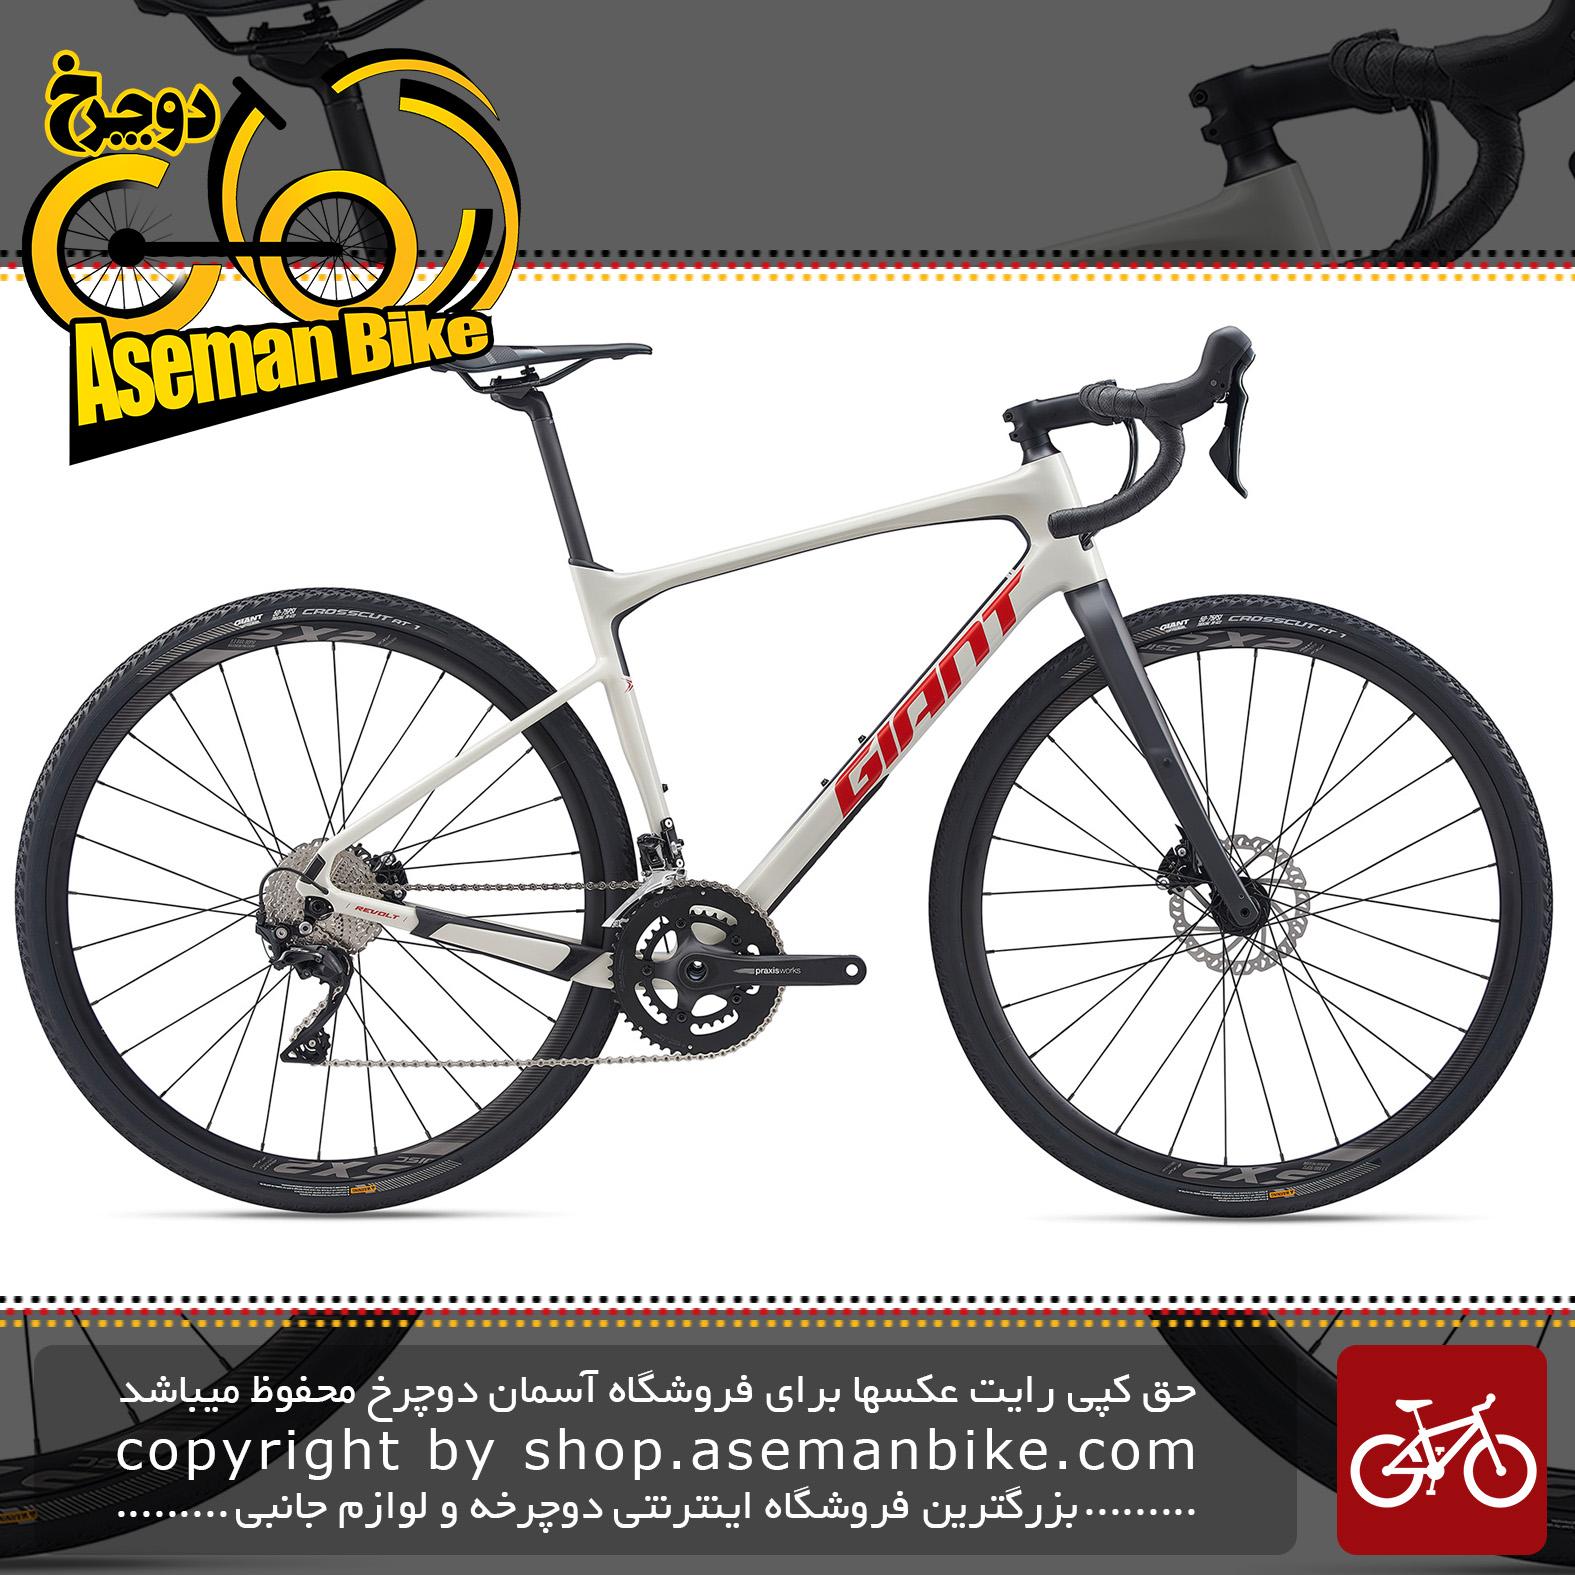 دوچرخه جاده کورسی جاینت مدل ریولت ادونس 2 2020 Giant Onroad Bicycle Revolt Advanced 2 2020